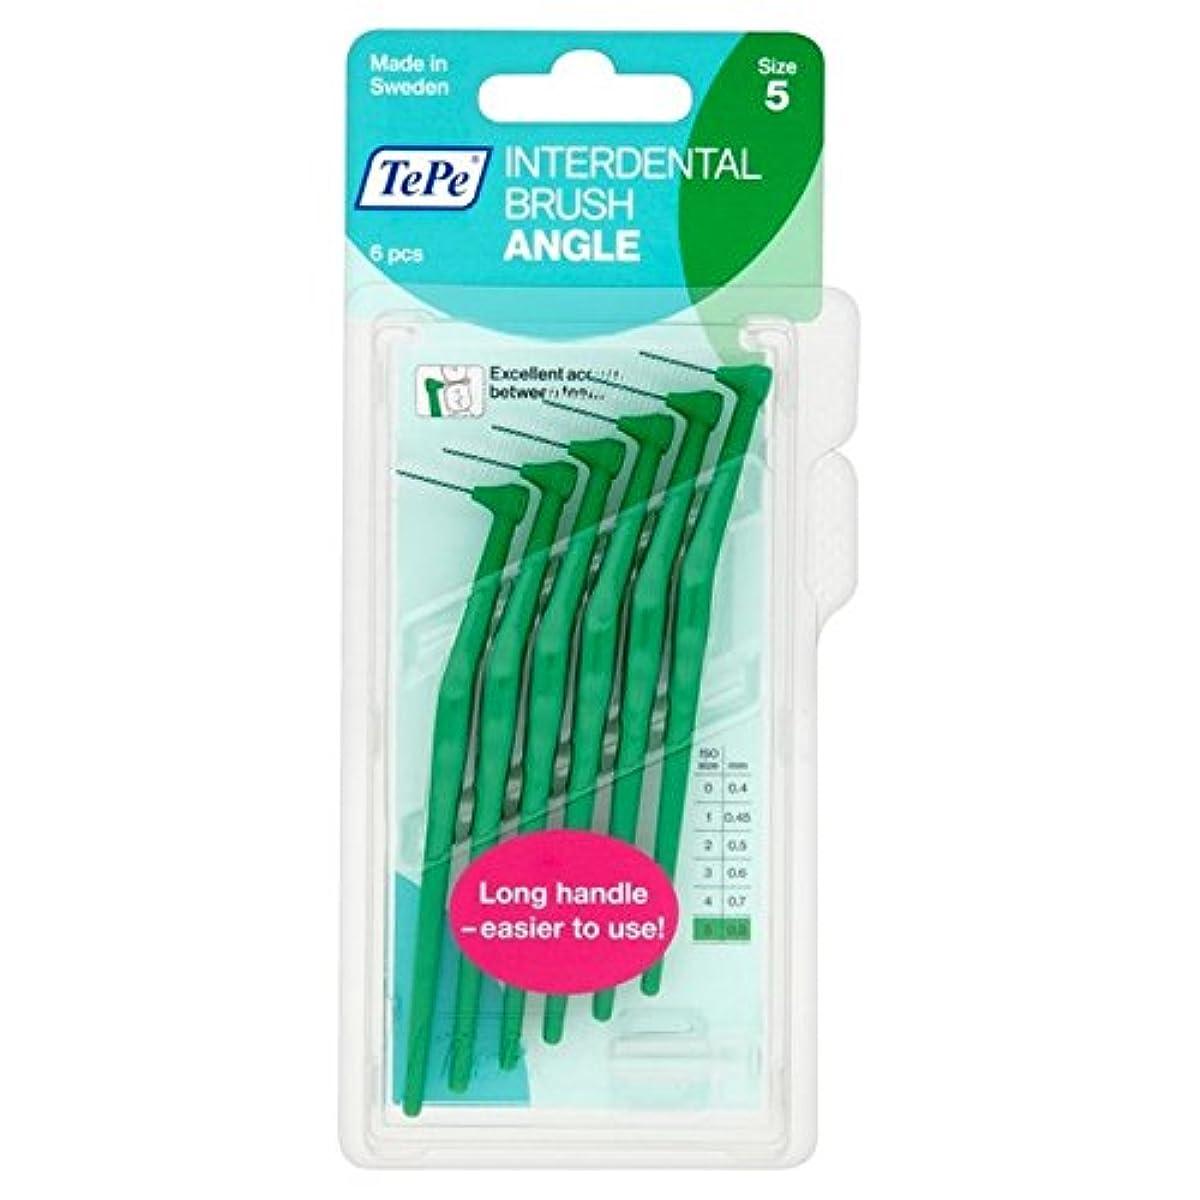 モール接地敬なパックあたり6 0.8ミリメートル緑テペ角度 x2 - TePe Angle Green 0.8mm 6 per pack (Pack of 2) [並行輸入品]